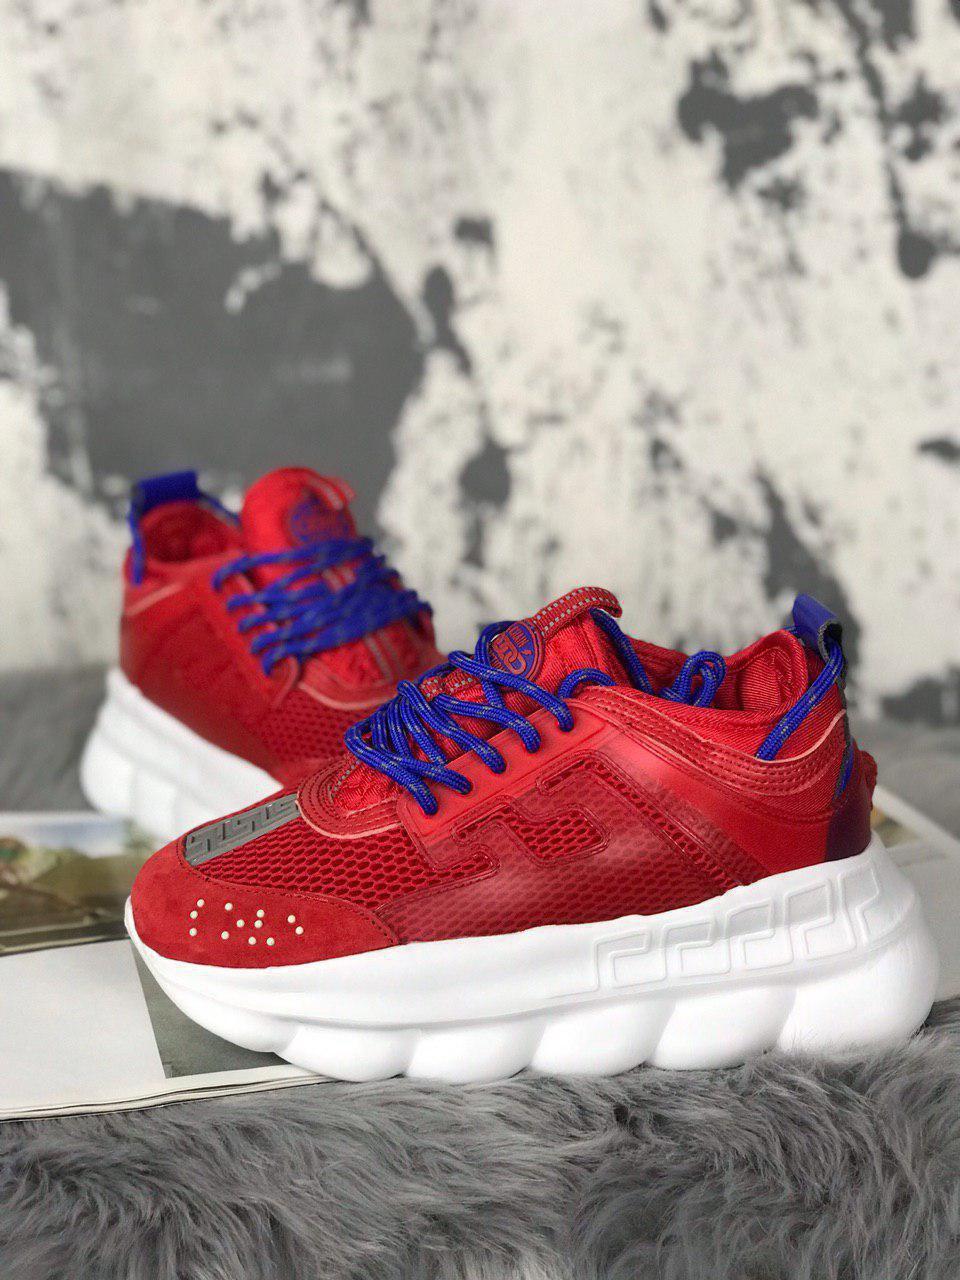 Женские кроссовки Versace Chain Reaction (Red/White), женские кроссовки Версачи, кроссовки версач